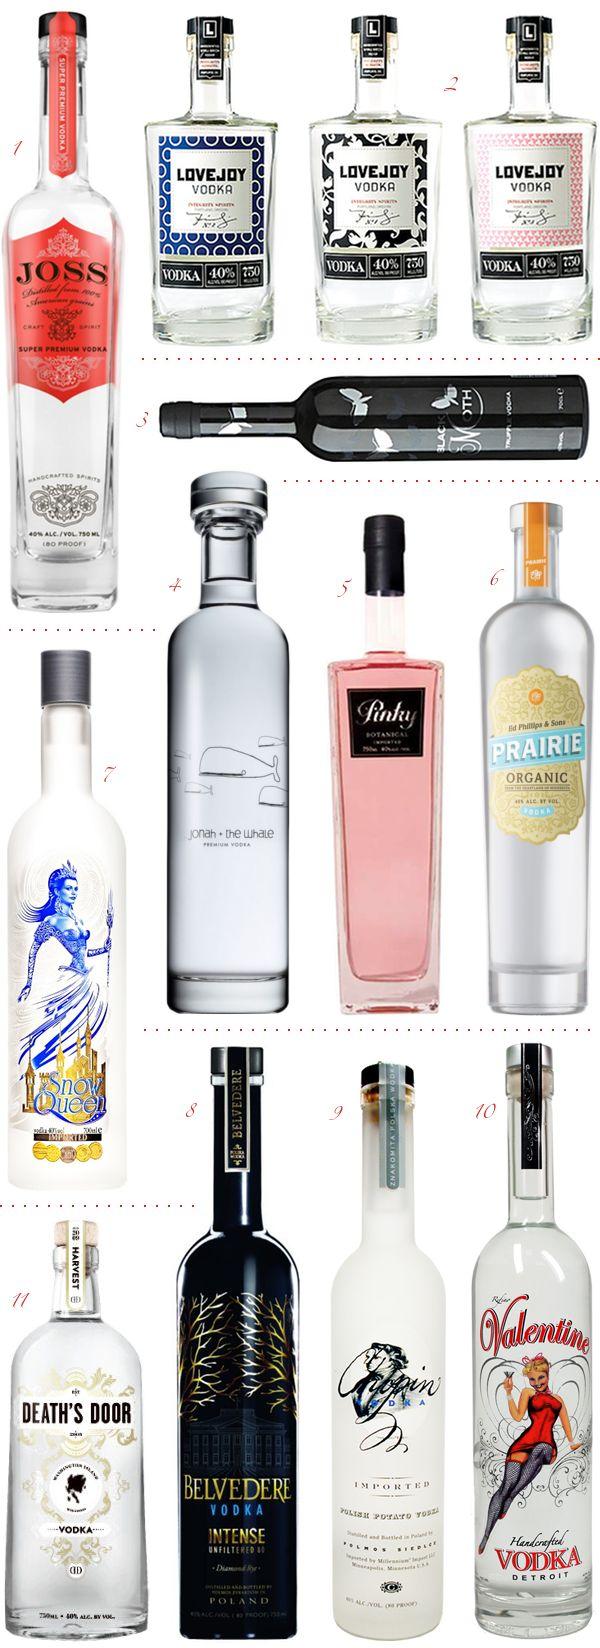 Vodka Brands  #vodkabrands #vodka ~1eyeJACK~